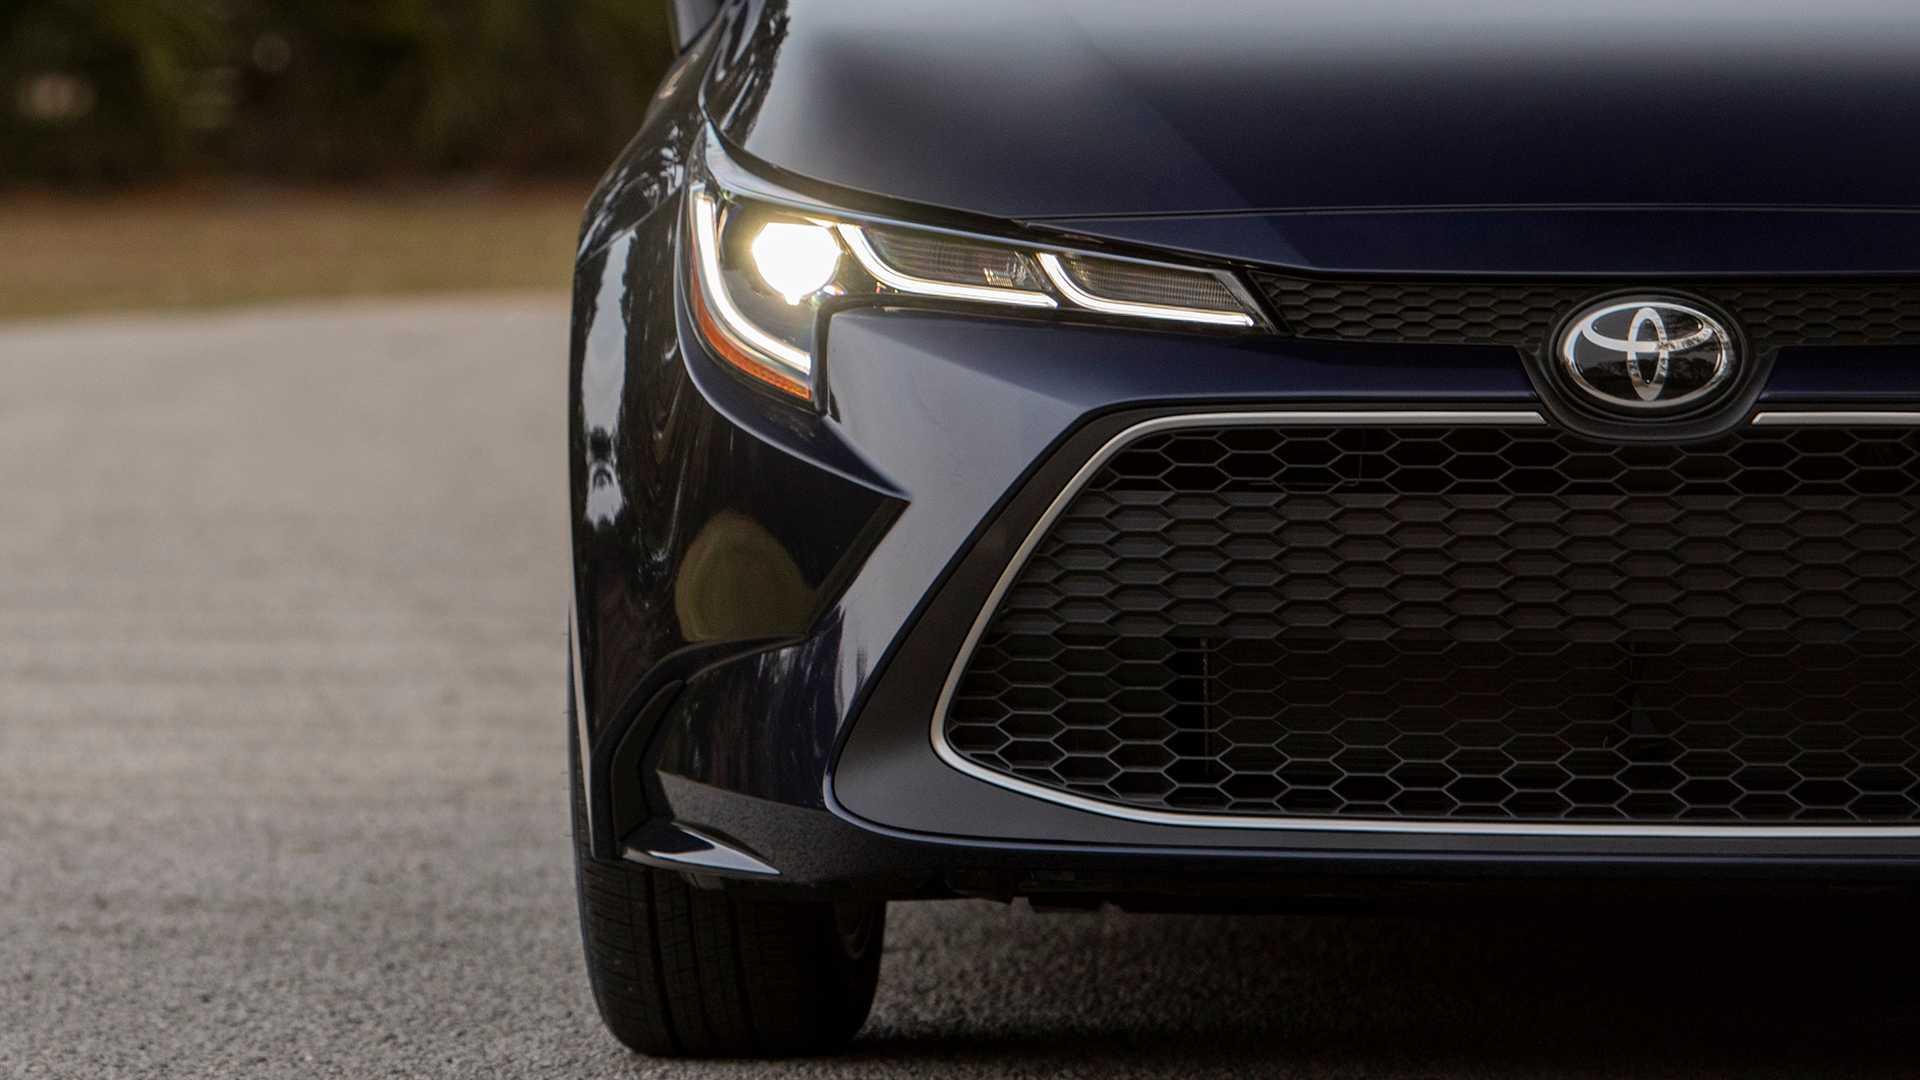 2020-toyota-corolla-sedan-danh-gia-9.jpg